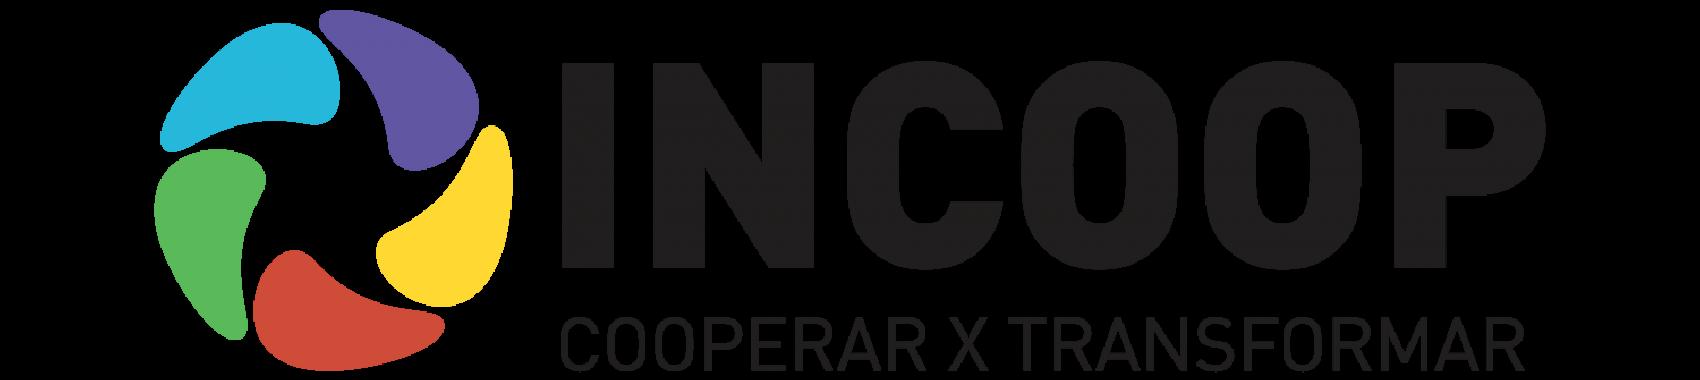 INCOOP-PRINCIPAL-COLOR-PARAFONDOCLARO